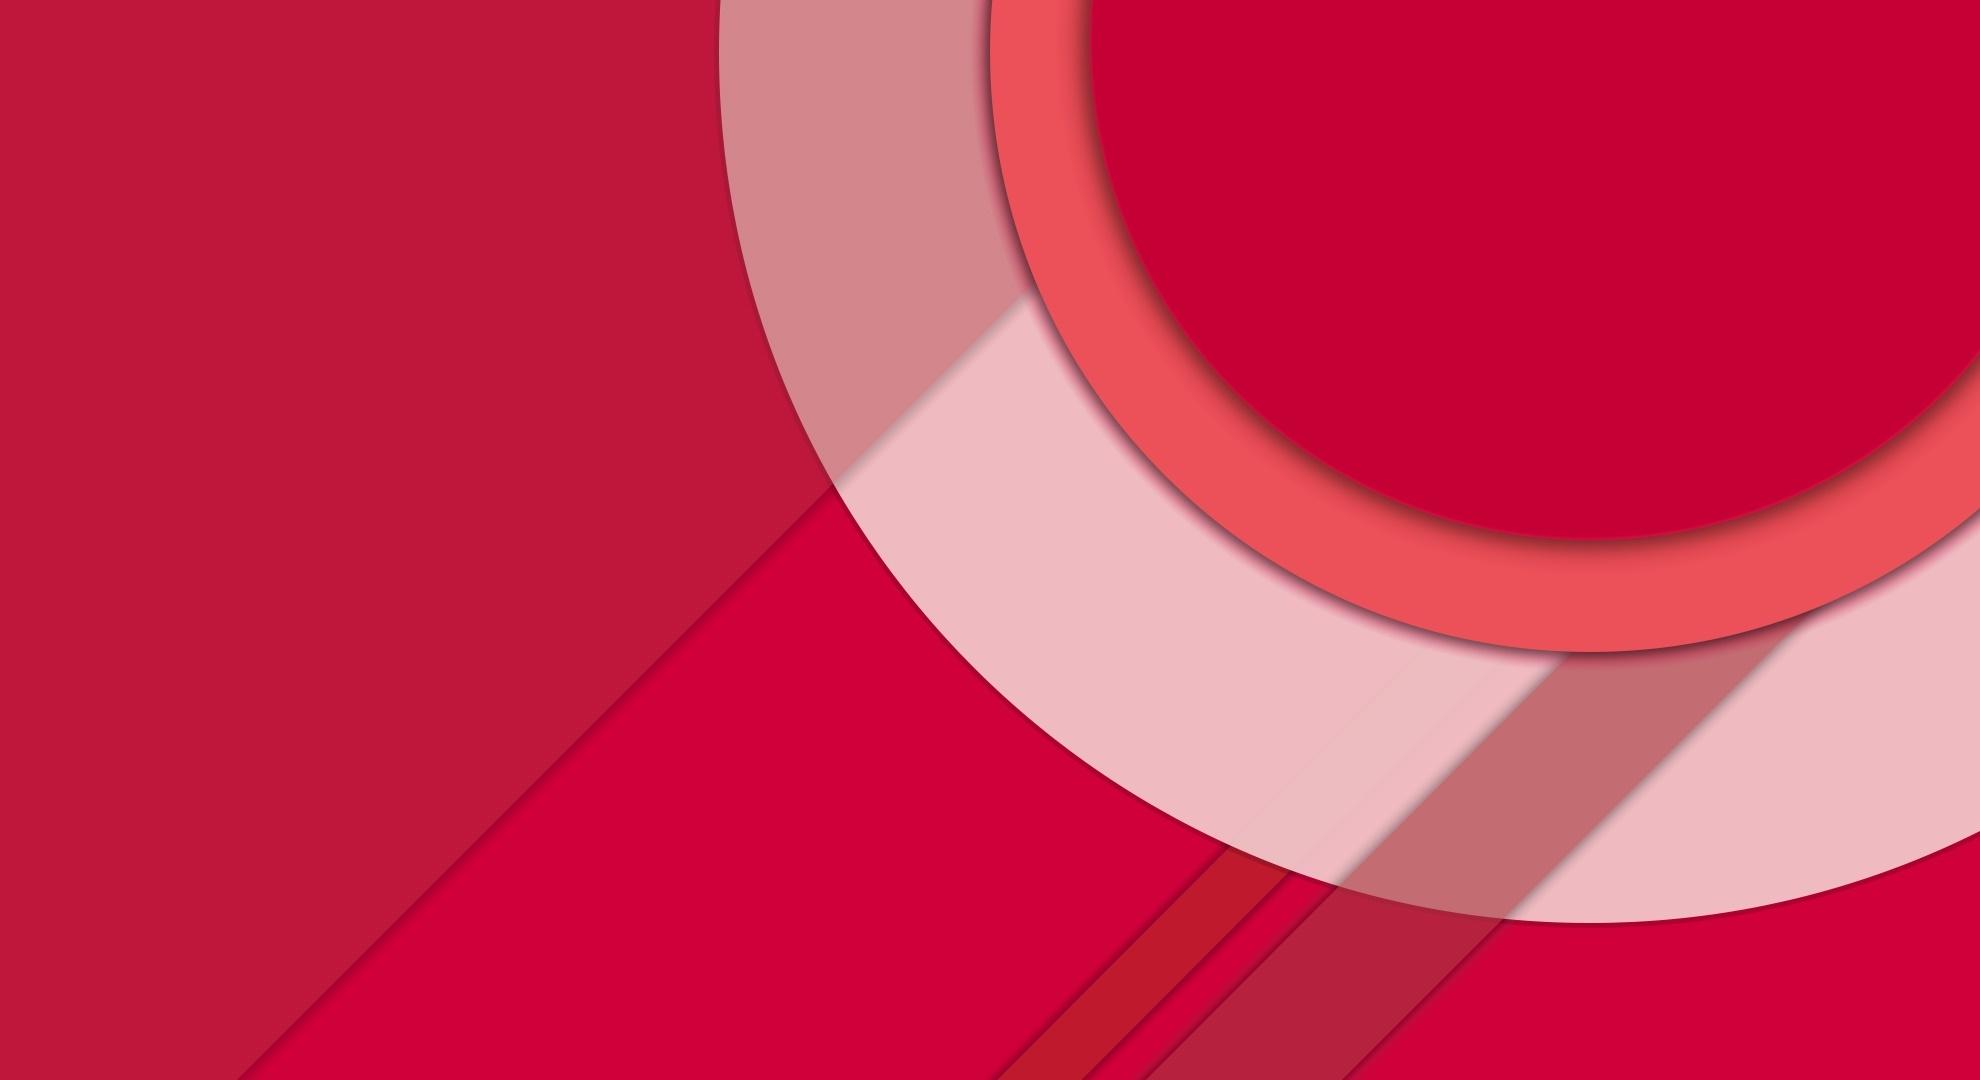 Windows 10 wallpaper material wallpapersafari for Material design wallpaper 4k